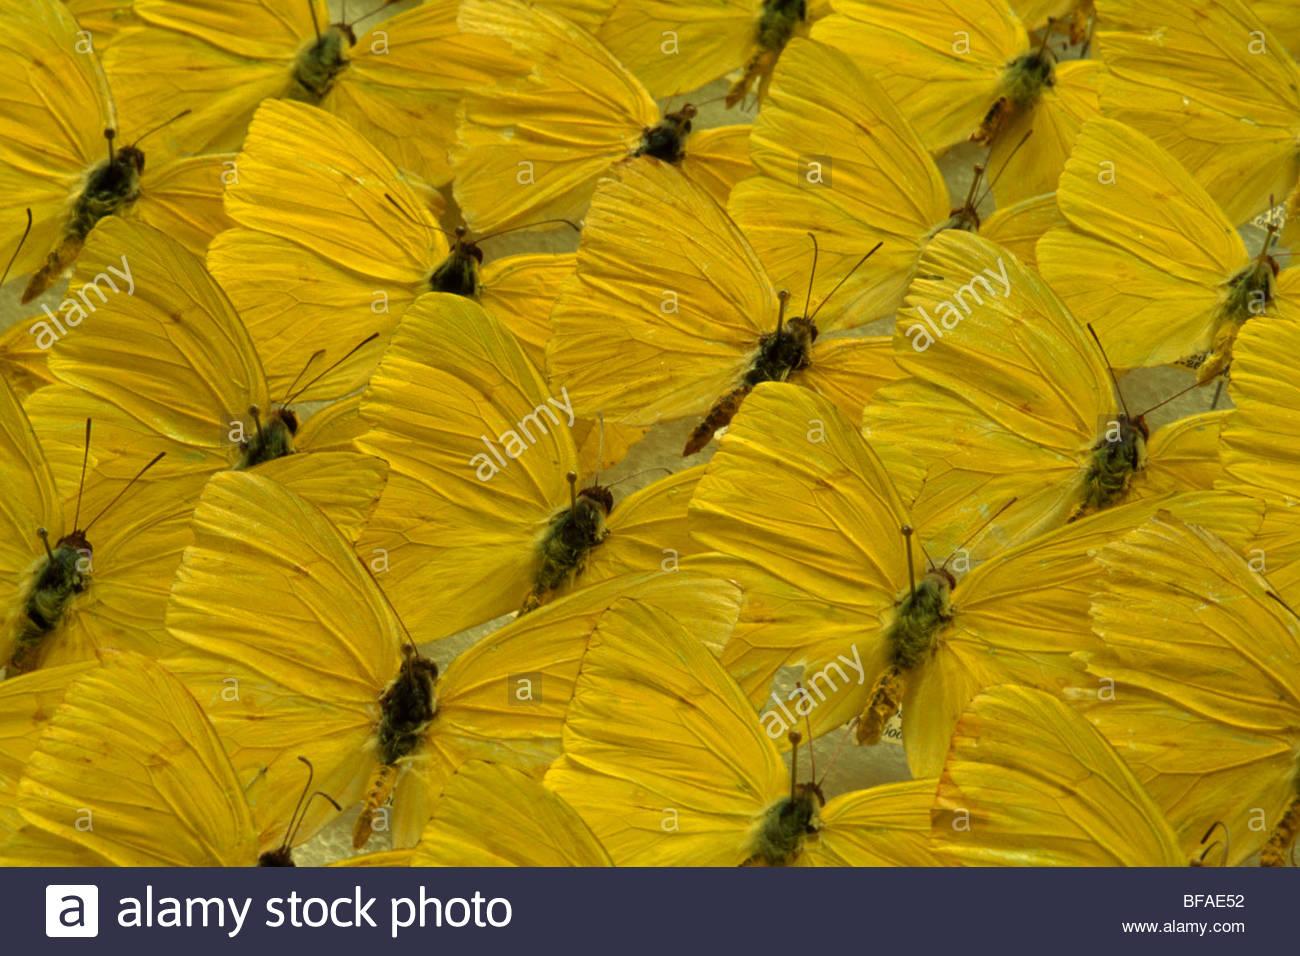 Wolkenlosen Schwefel Schmetterlinge, Phoebis Sennae, National Institute of Biodiversity, Costa Rica Stockbild